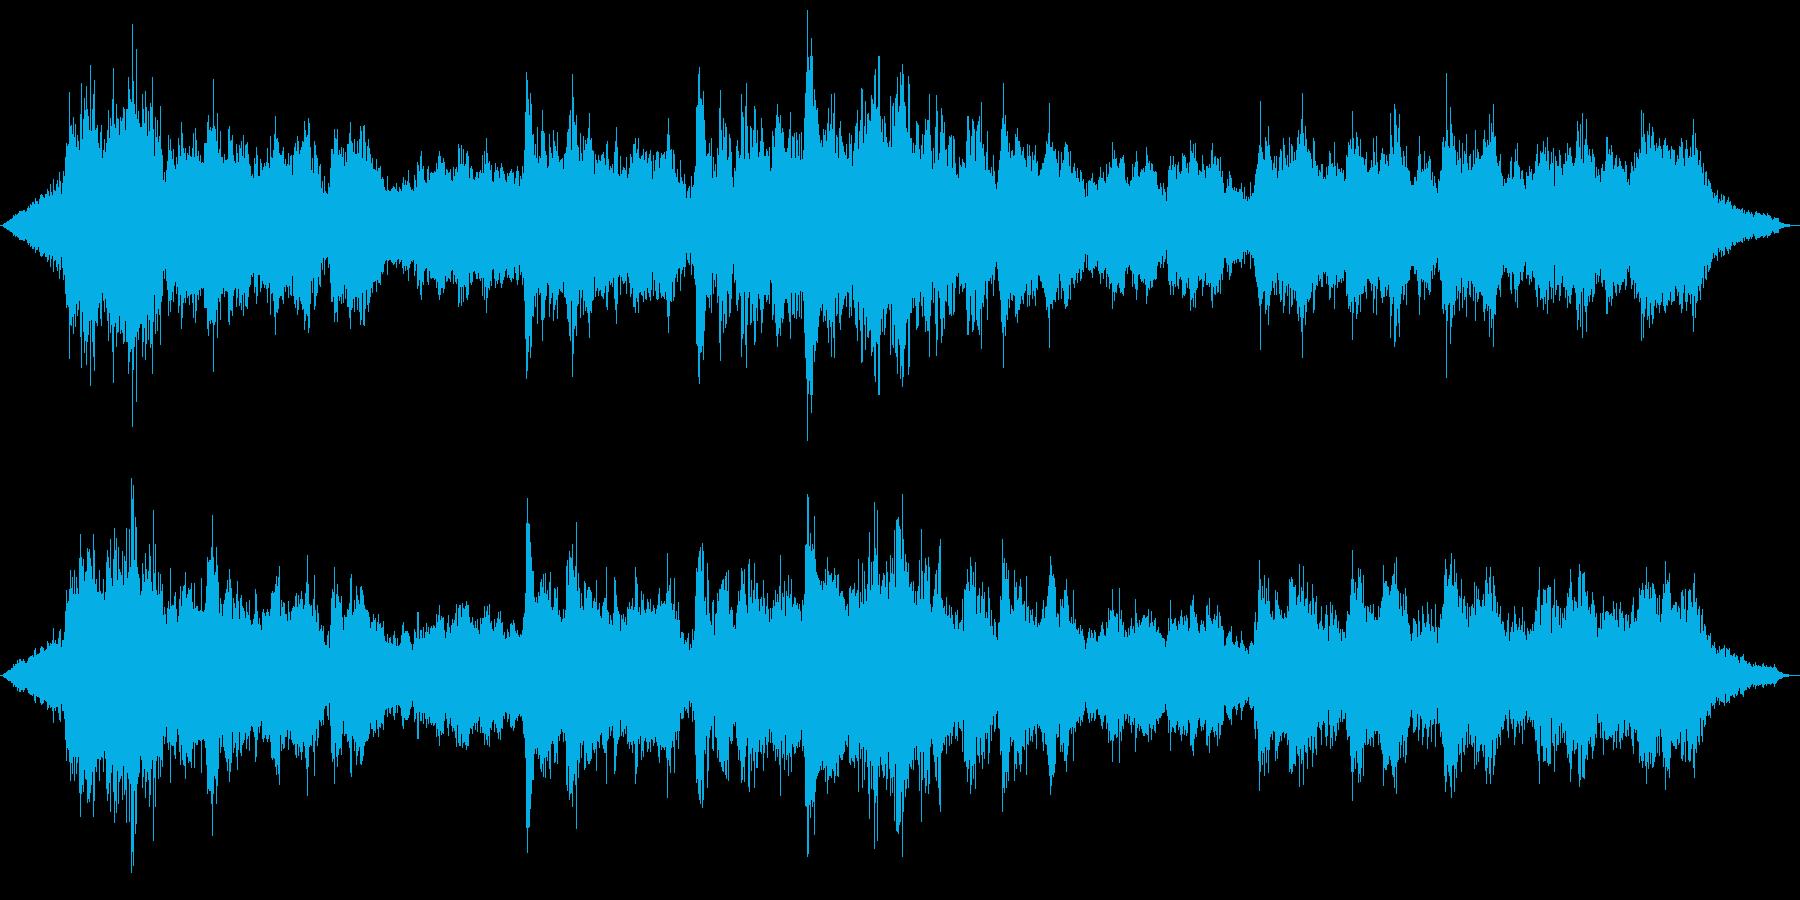 突き抜けるストリングスのさわやかなメロ…の再生済みの波形